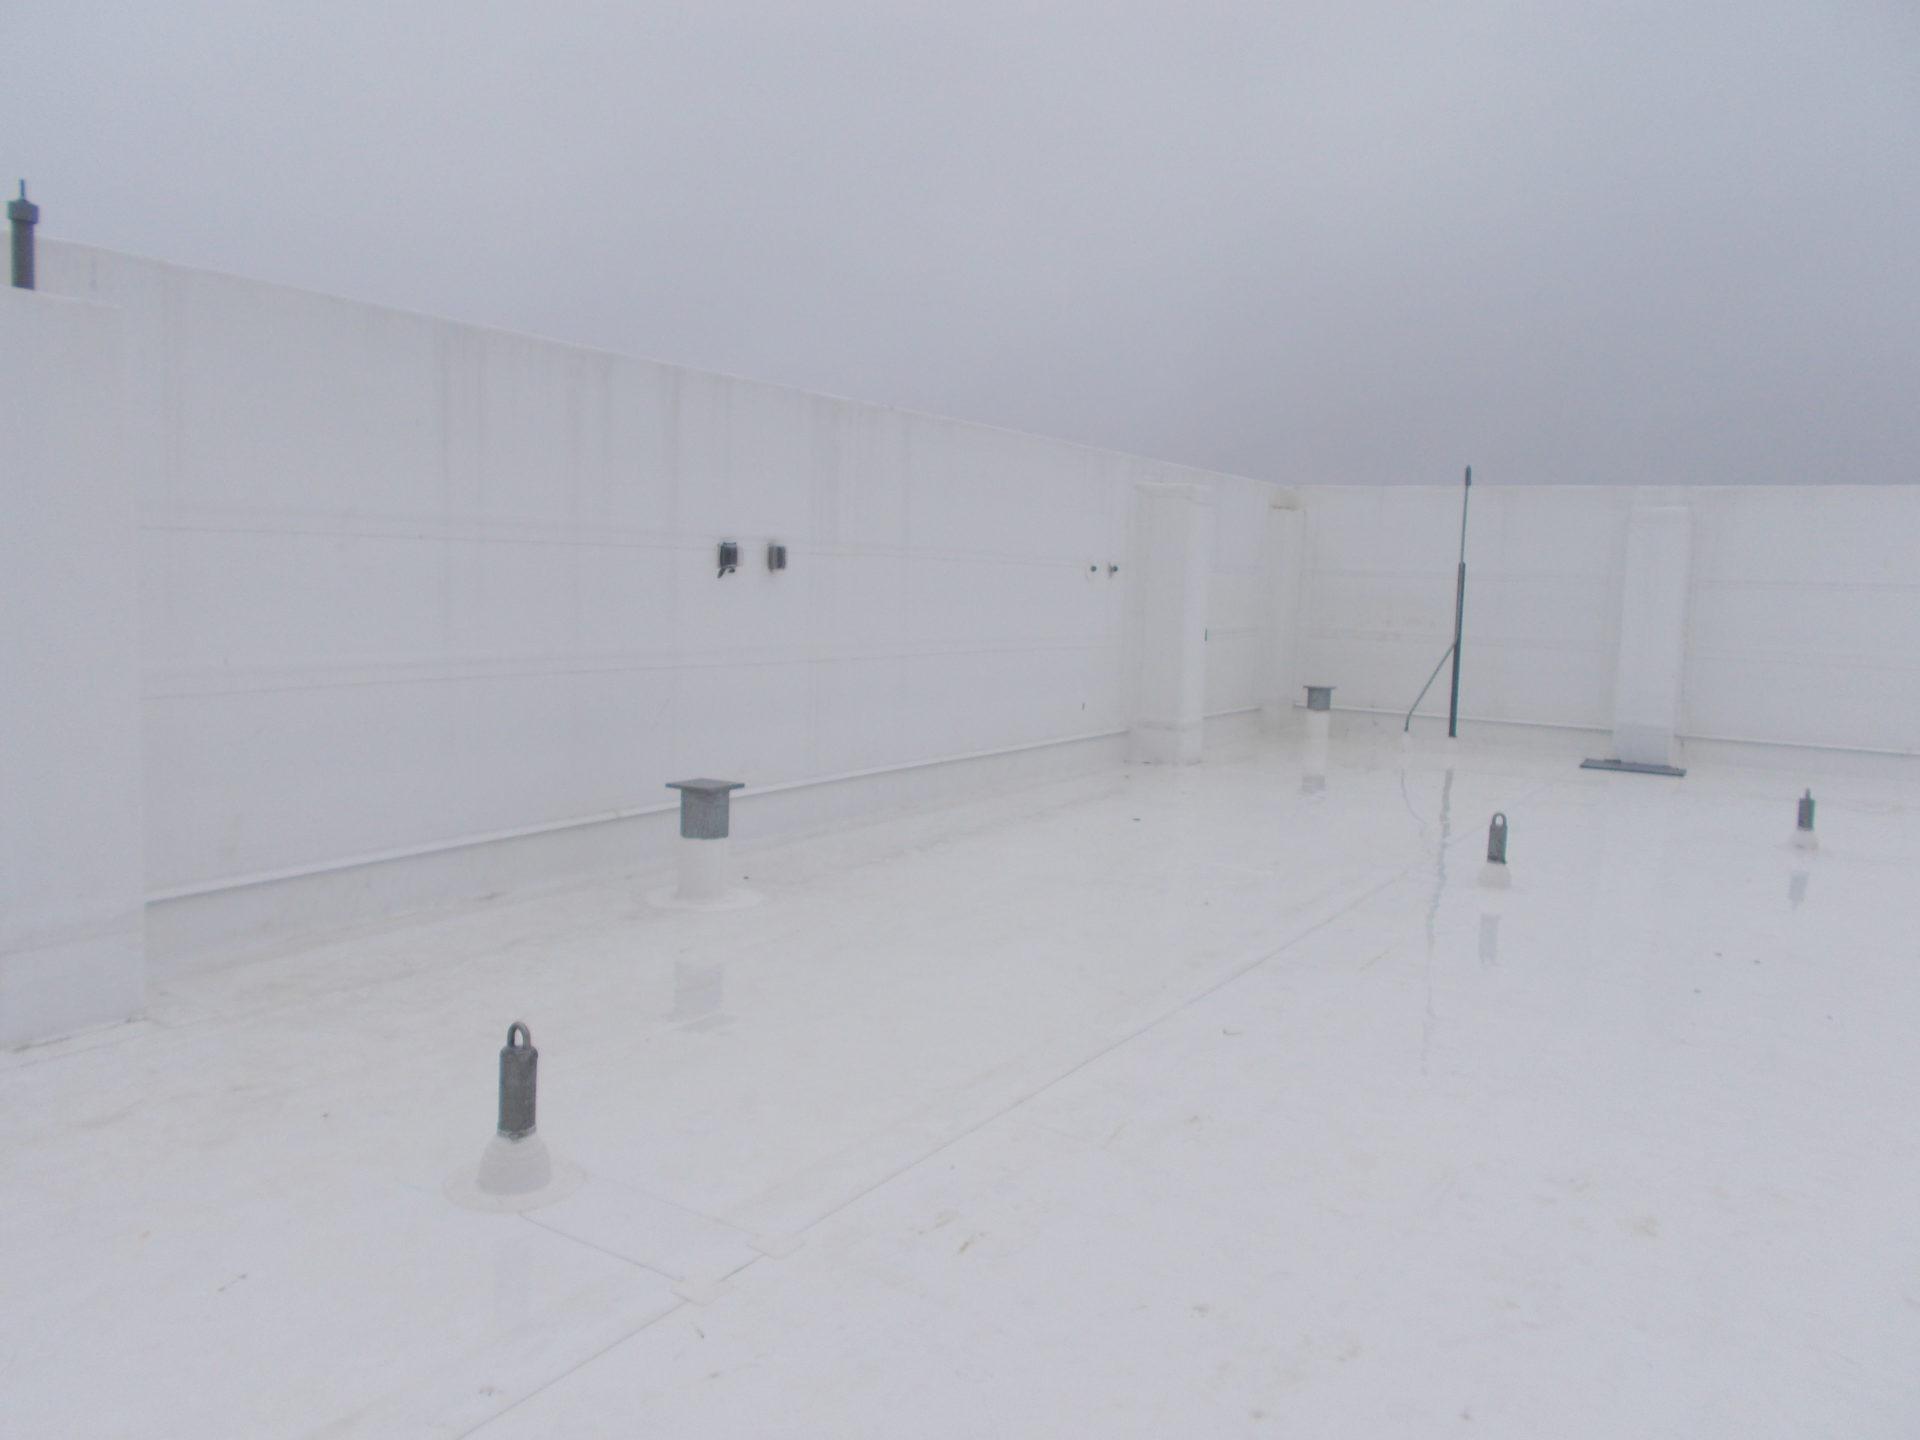 TPO walls